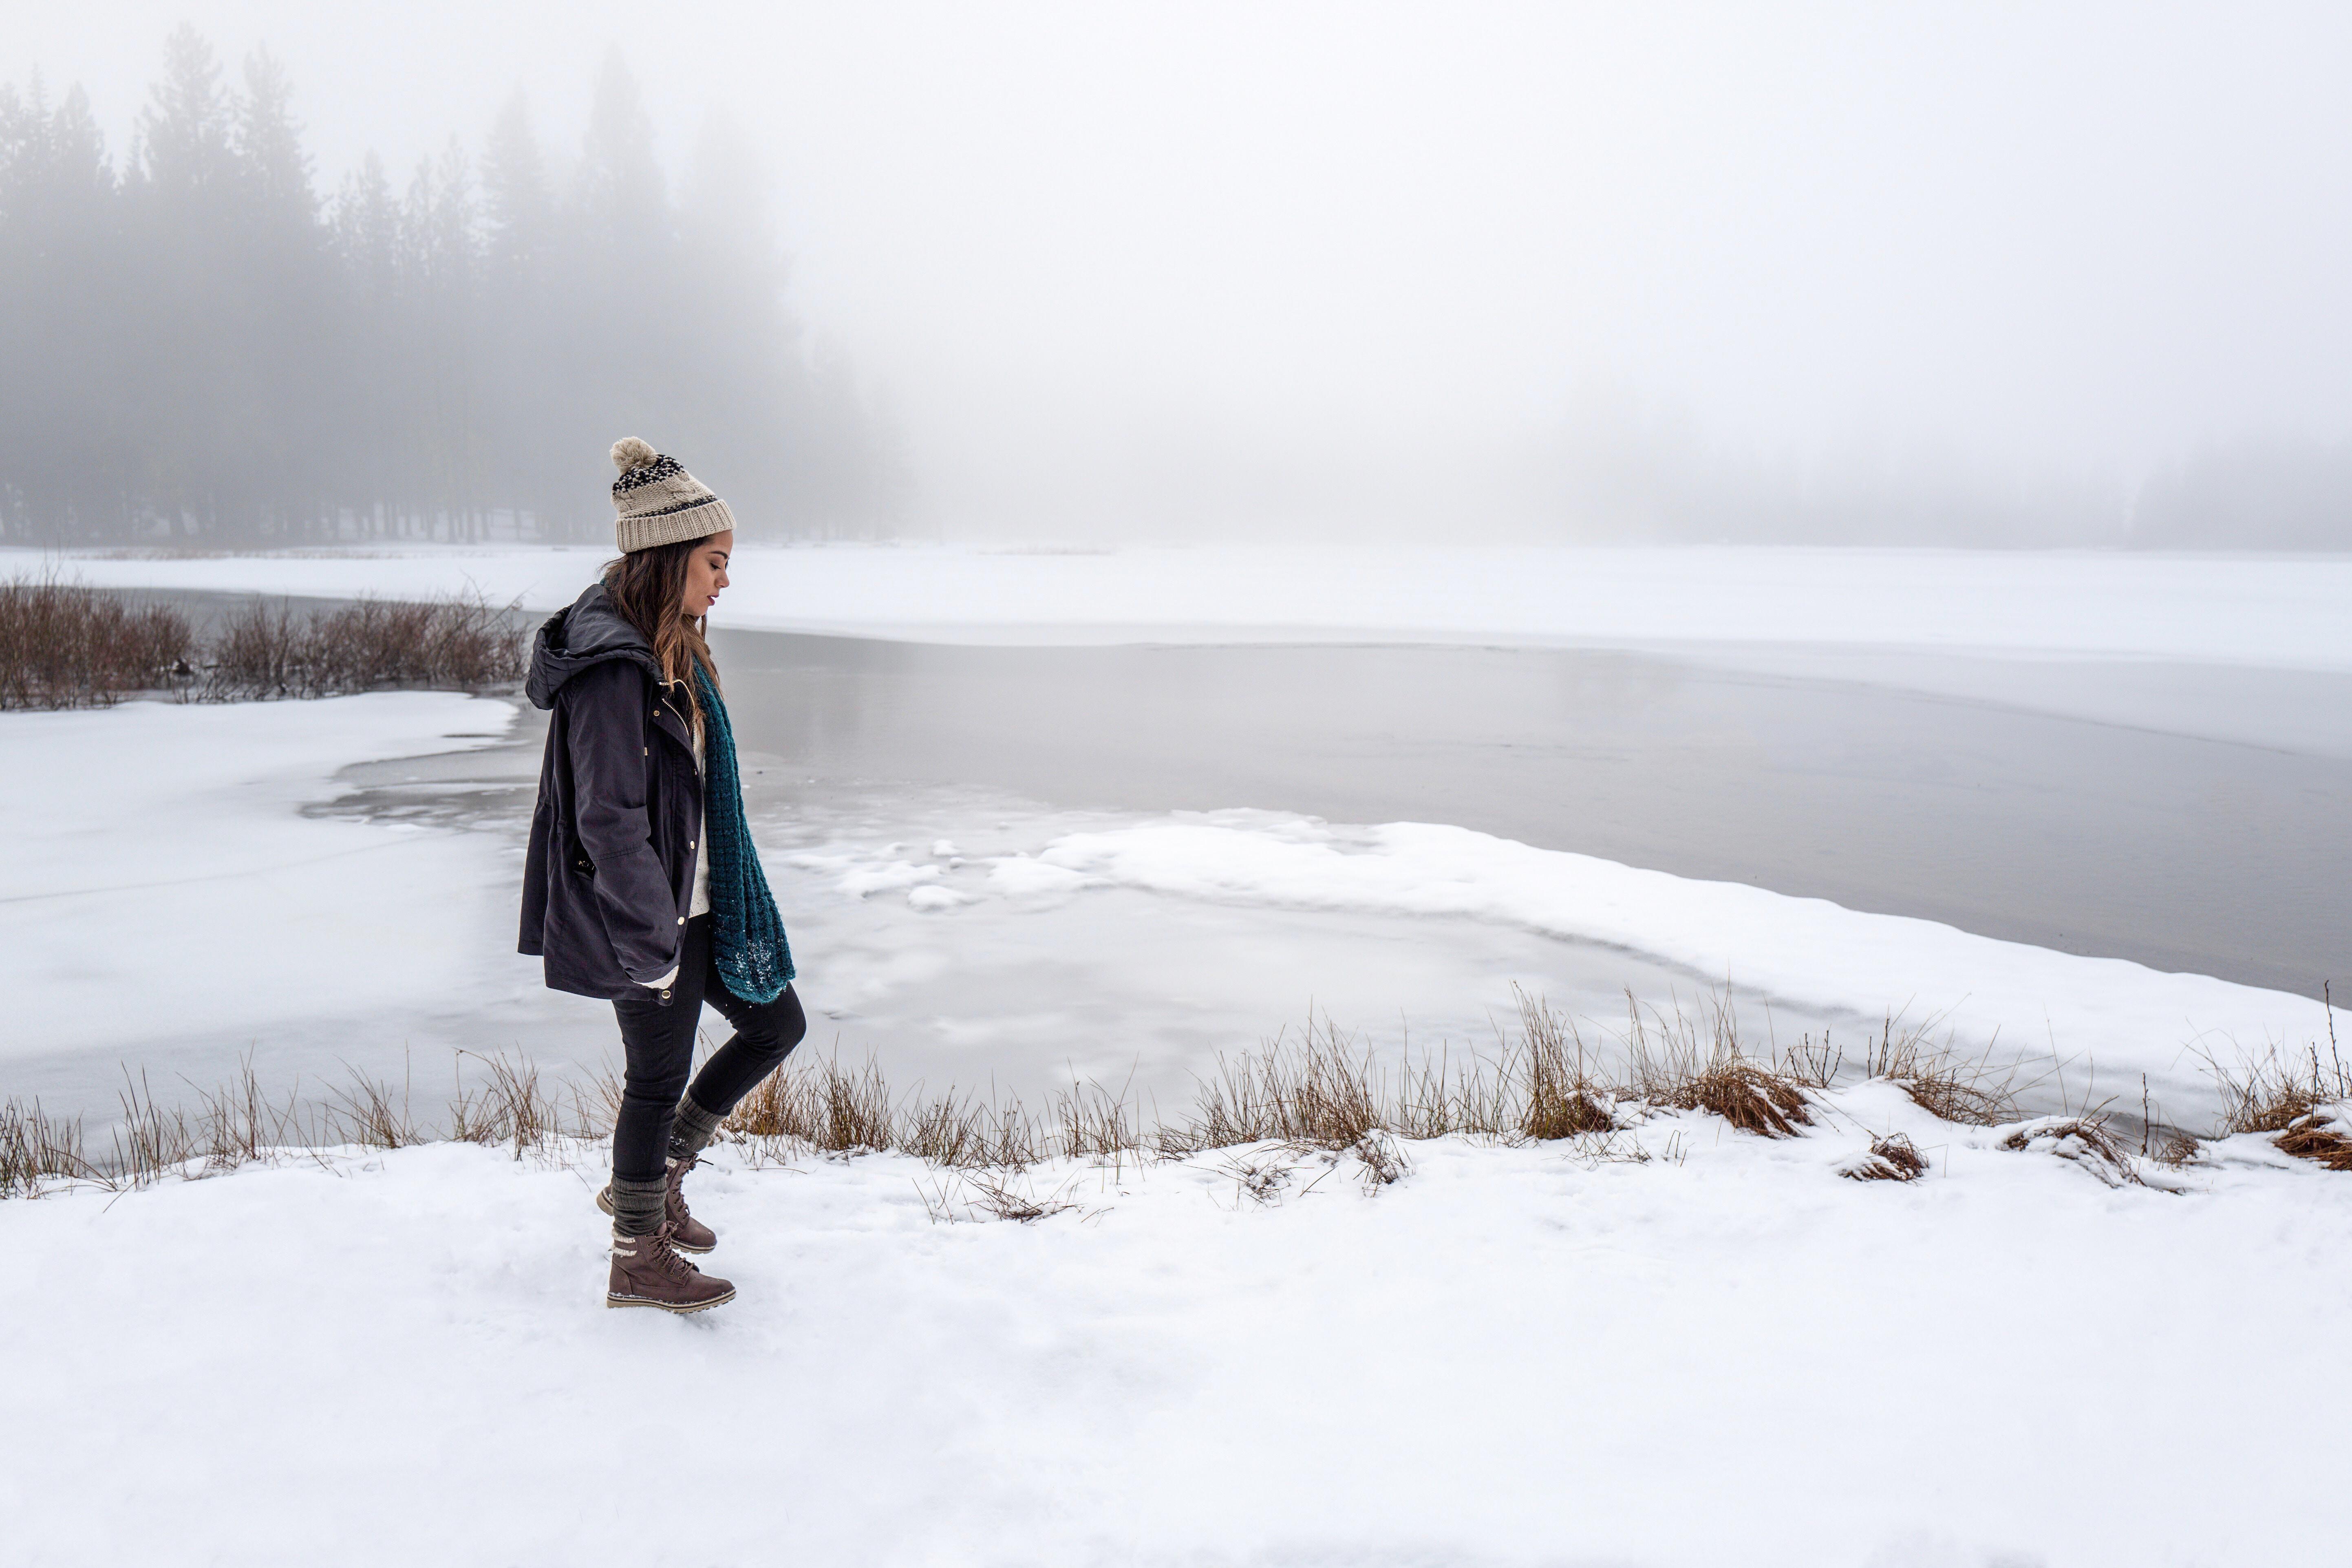 Woman walking through snow along a frozen lake